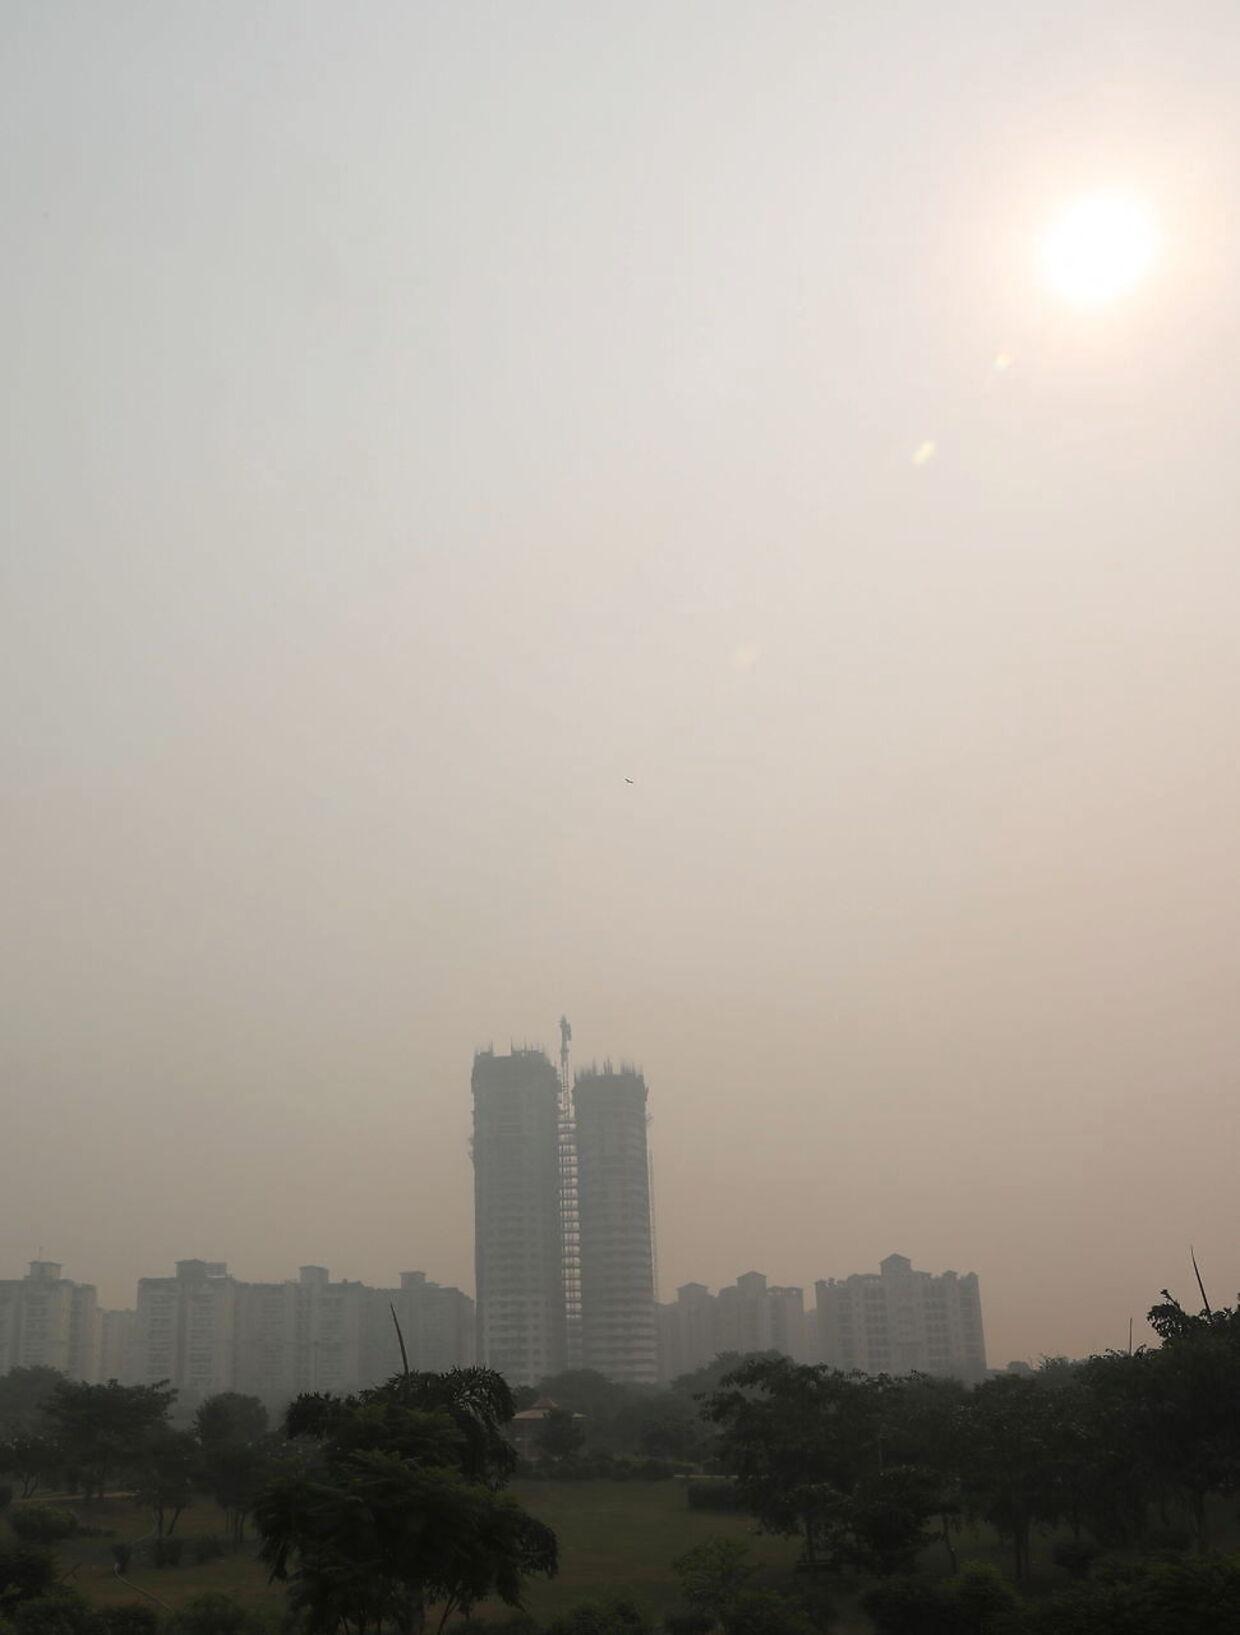 New Delhi er badet i smog. EPA/HARISH TYAGI